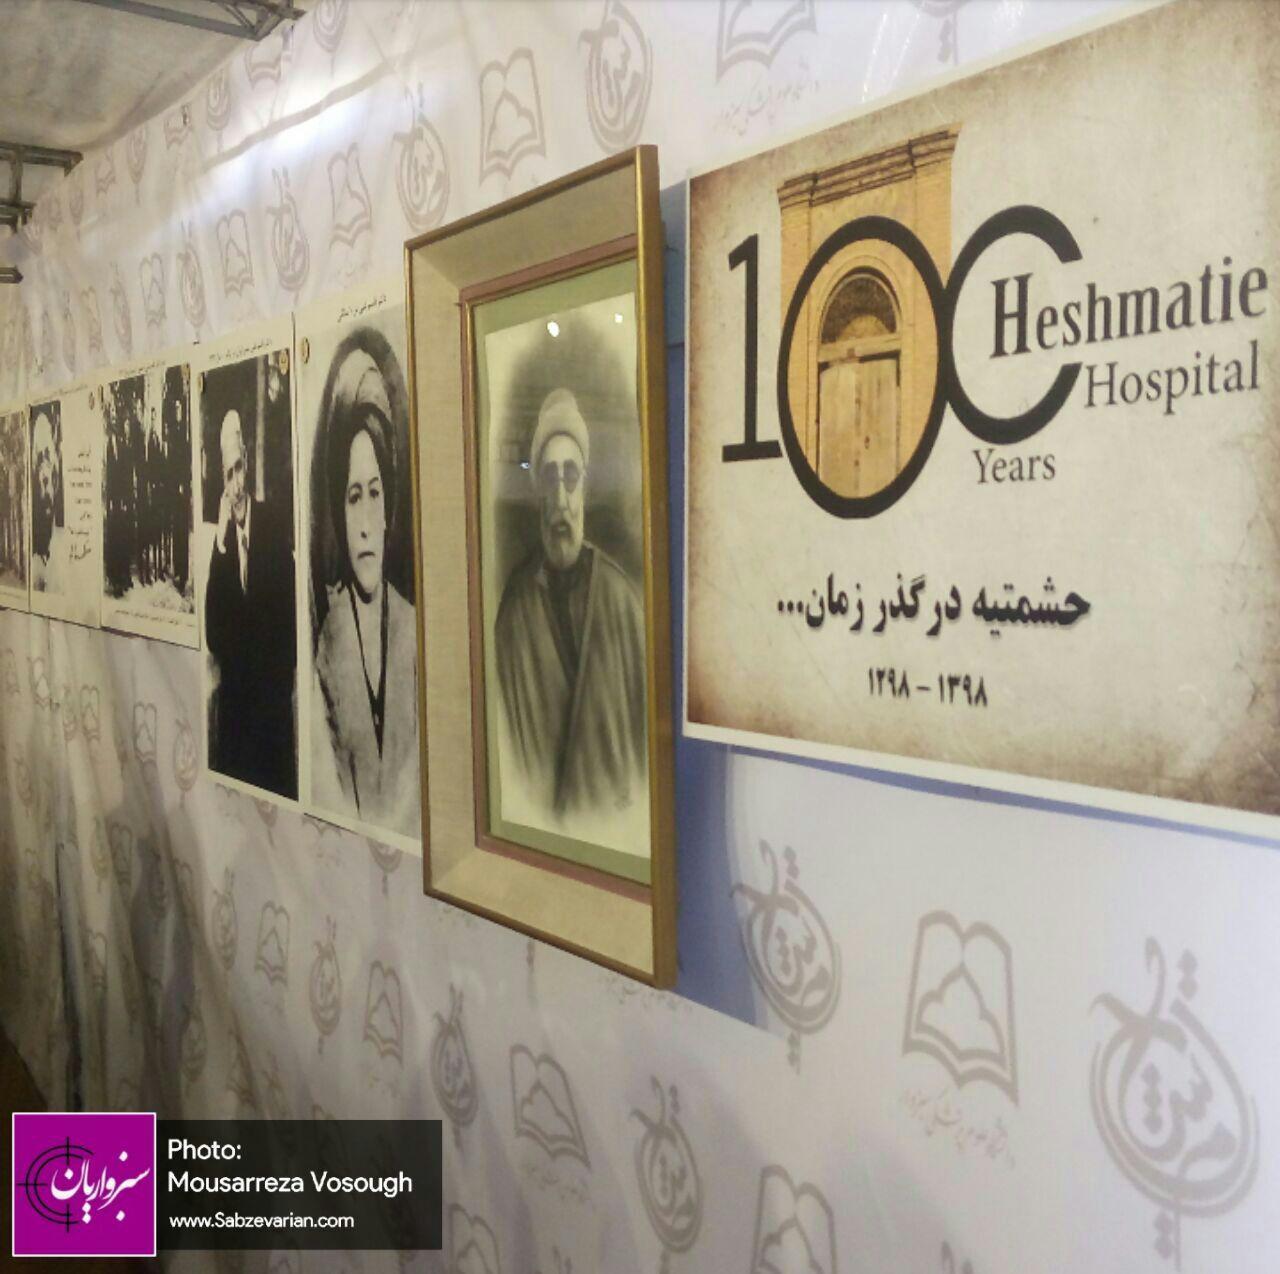 یکصدمین سالگرد احداث بیمارستان حشمتیه سبزوار: نمایشگاه مستندات قدیمی این بیمارستان برگزار شد